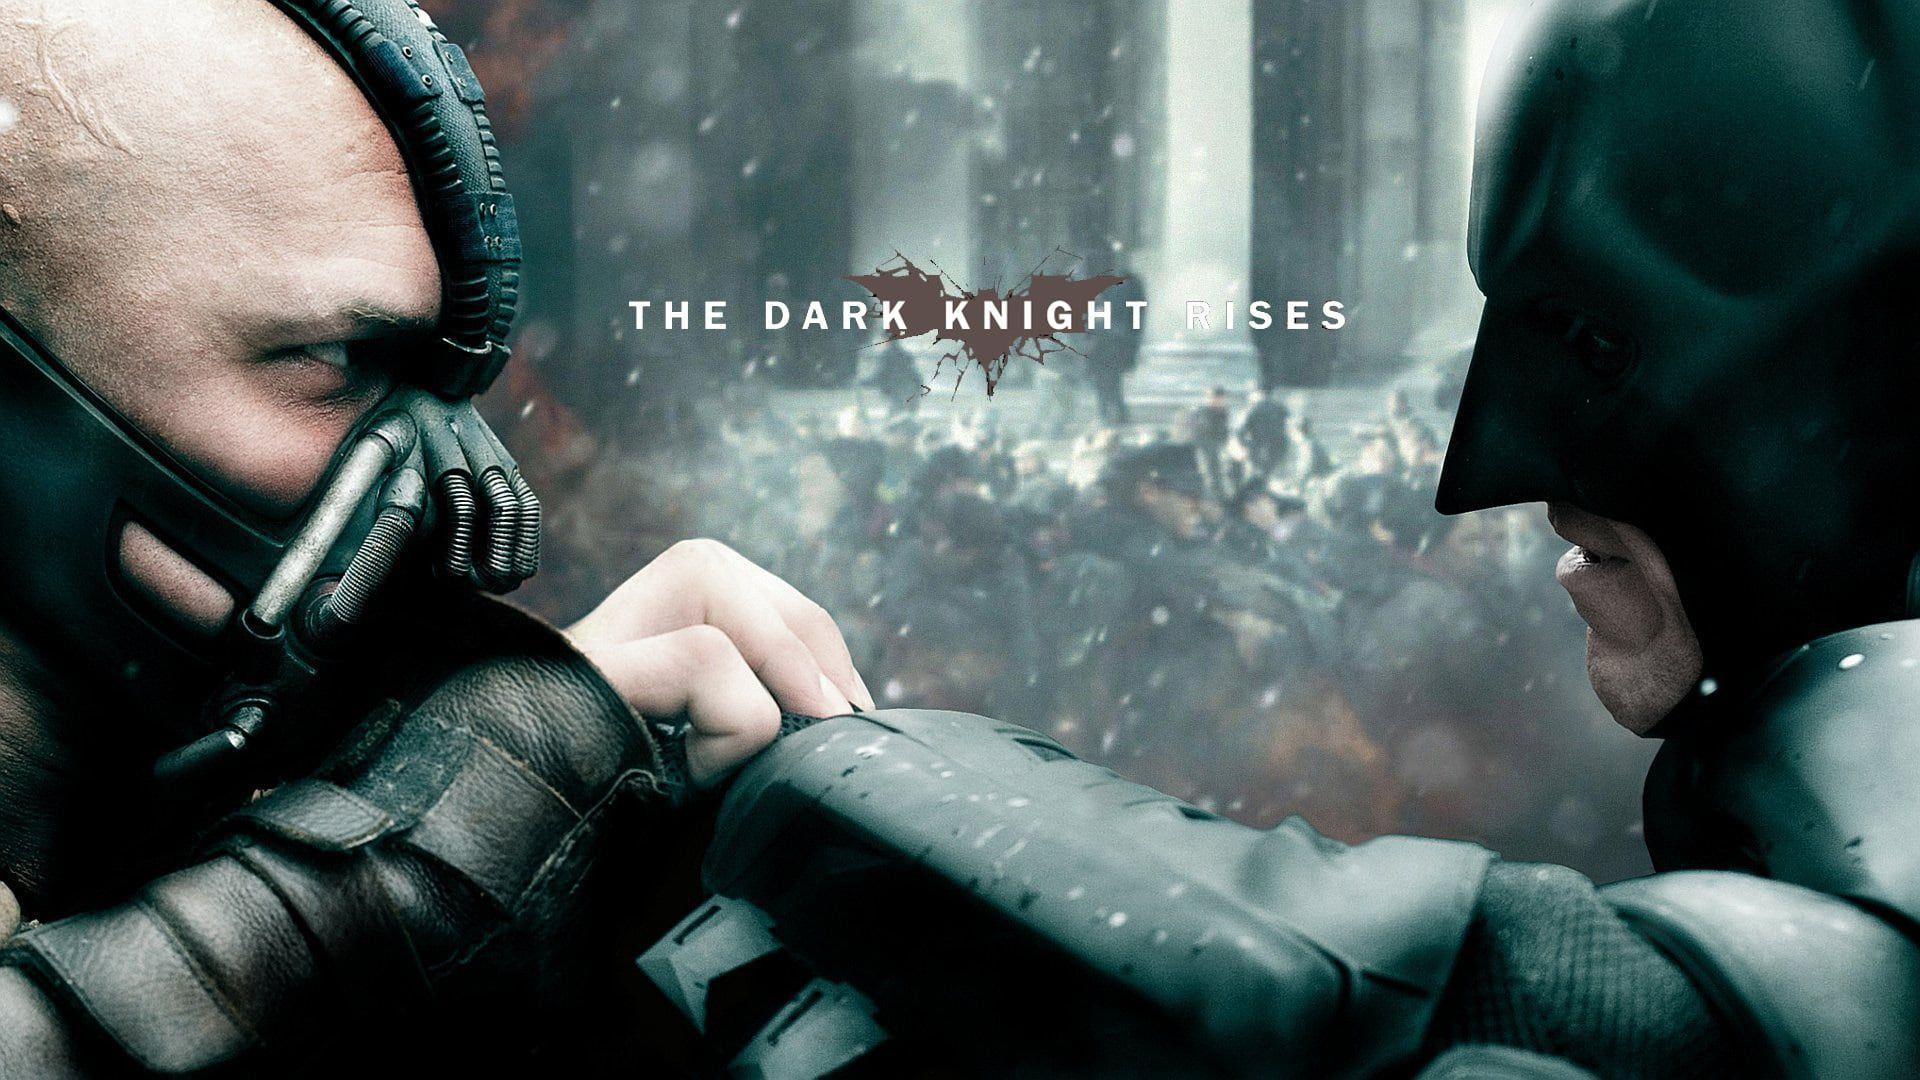 Het Is Acht Jaar Geleden Dat Batman In De Duisternis Is Verdwenen En Van Een Held In Een Banne Free Movies Online The Dark Knight Rises Full Movies Online Free